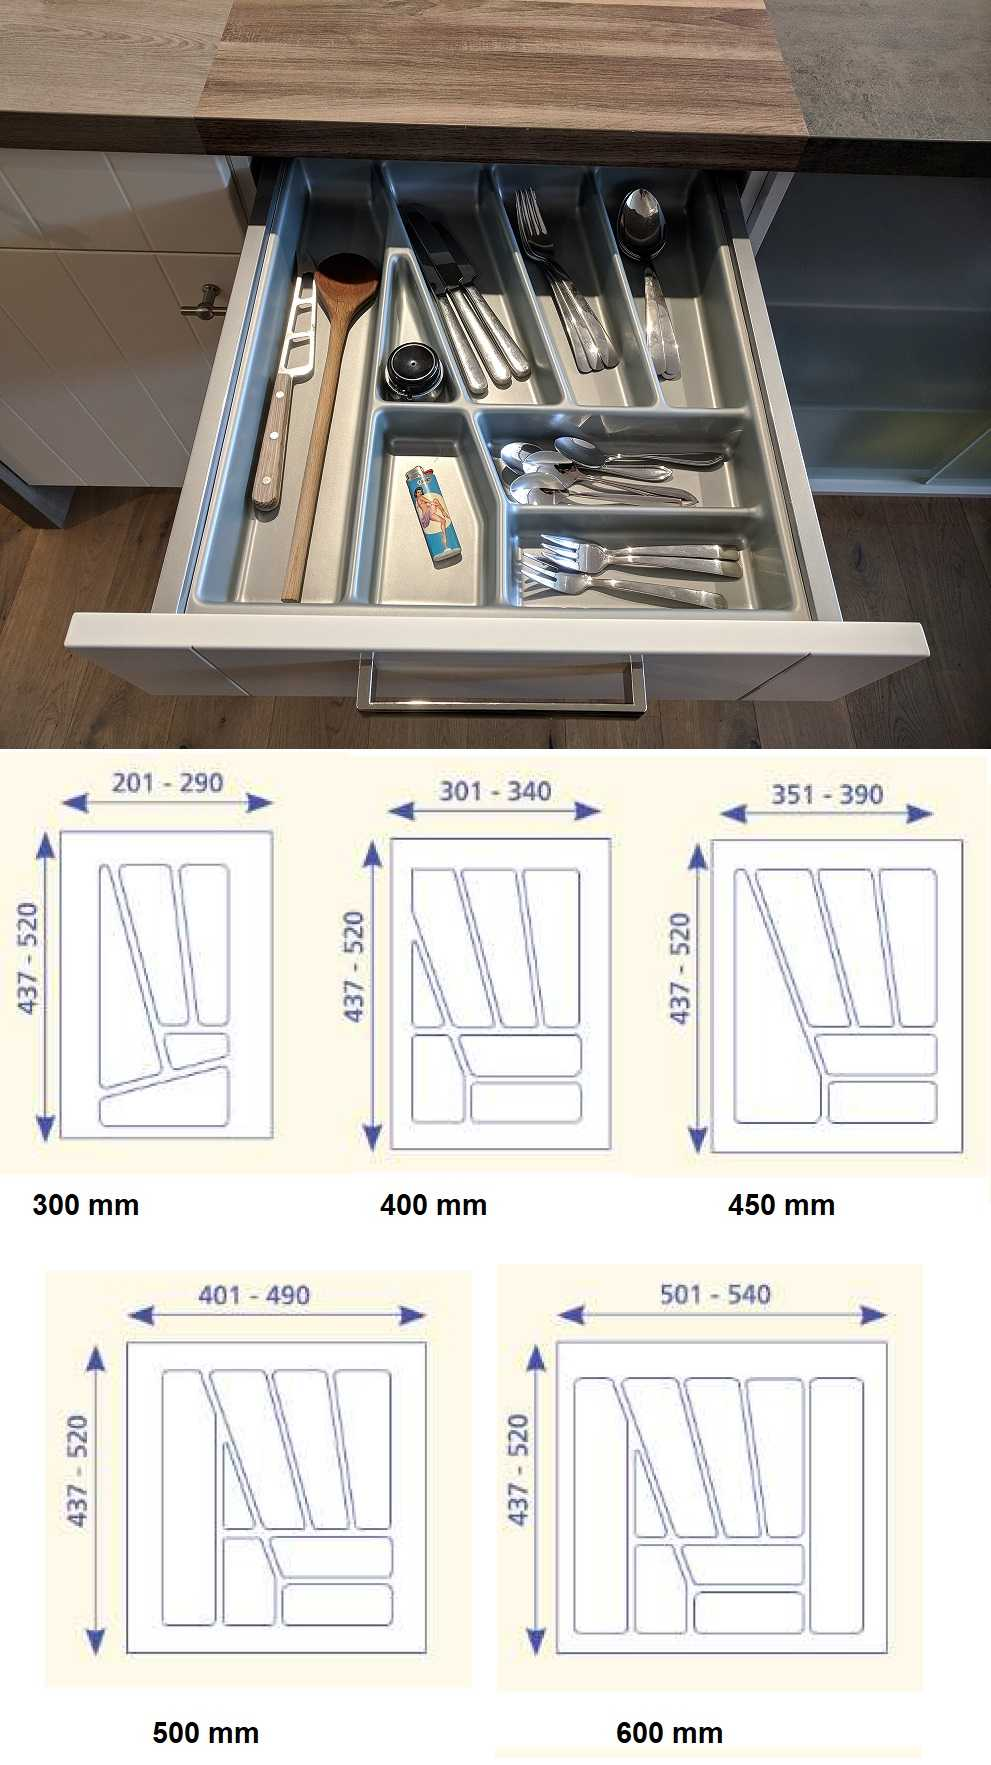 Full Size of Nobilia Besteckeinsatz Kunststoff Zubehr Artikel Einbauküche Küche Wohnzimmer Nobilia Besteckeinsatz